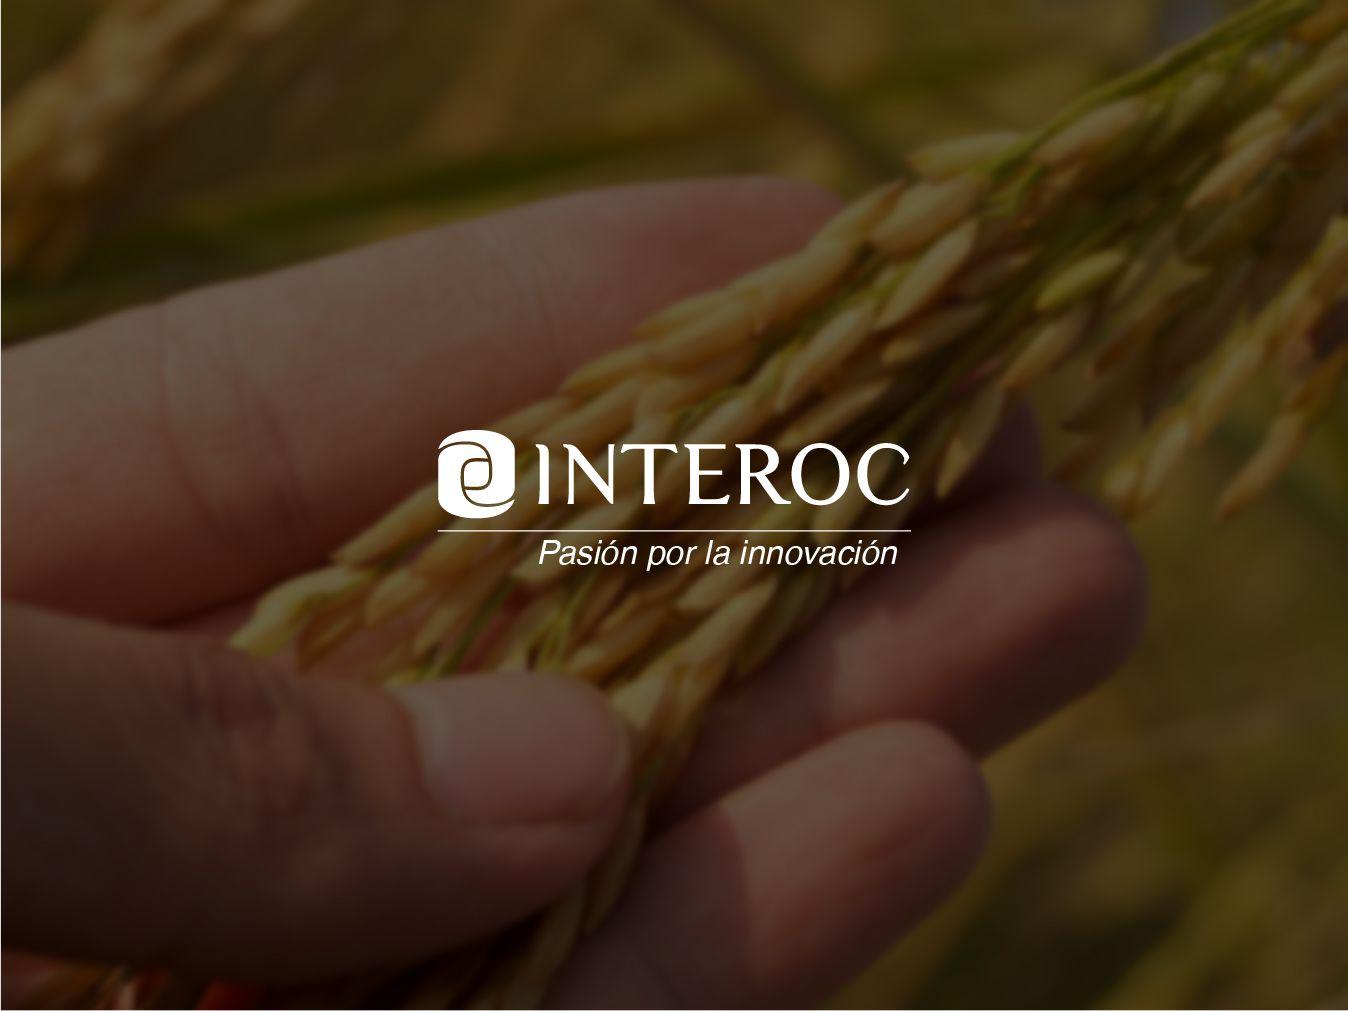 INTEROC consolida el liderazgo en cultivo de arroz en América Latina